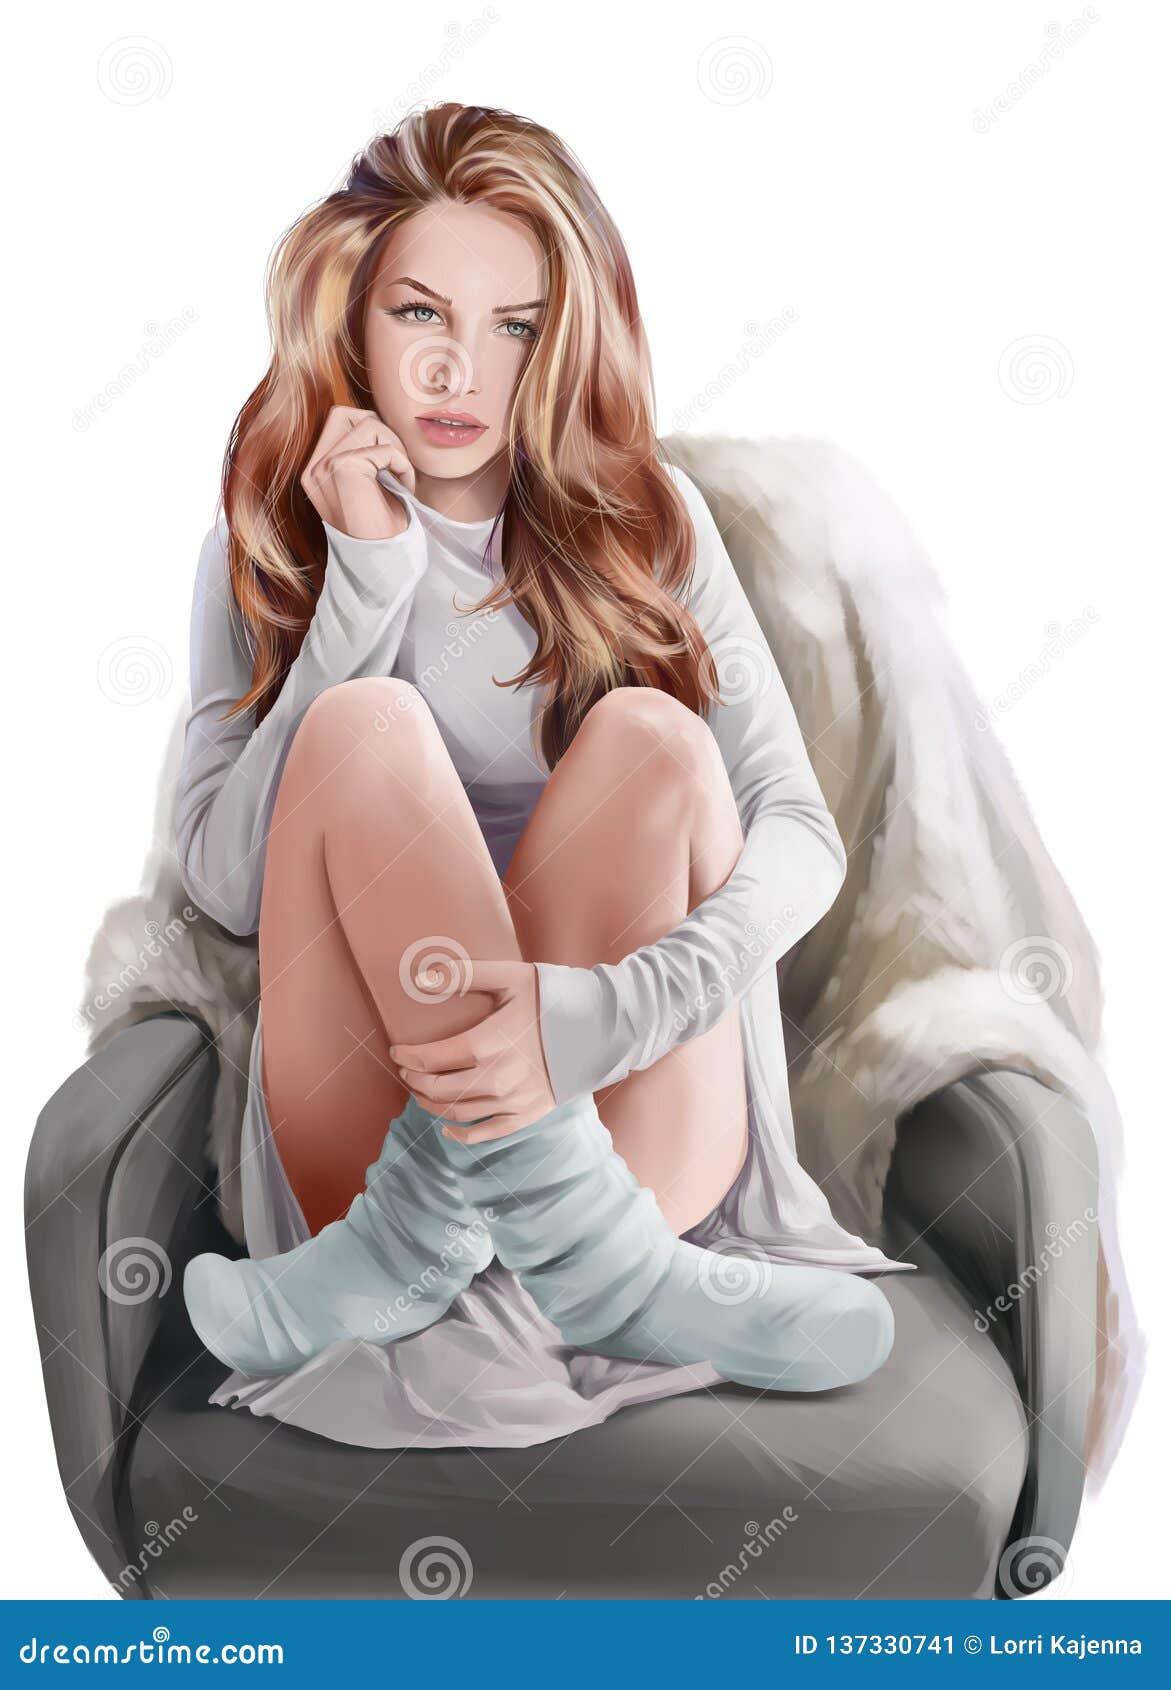 Mädchen, das in einem Stuhl sitzt Adobe Photoshop für Korrekturen